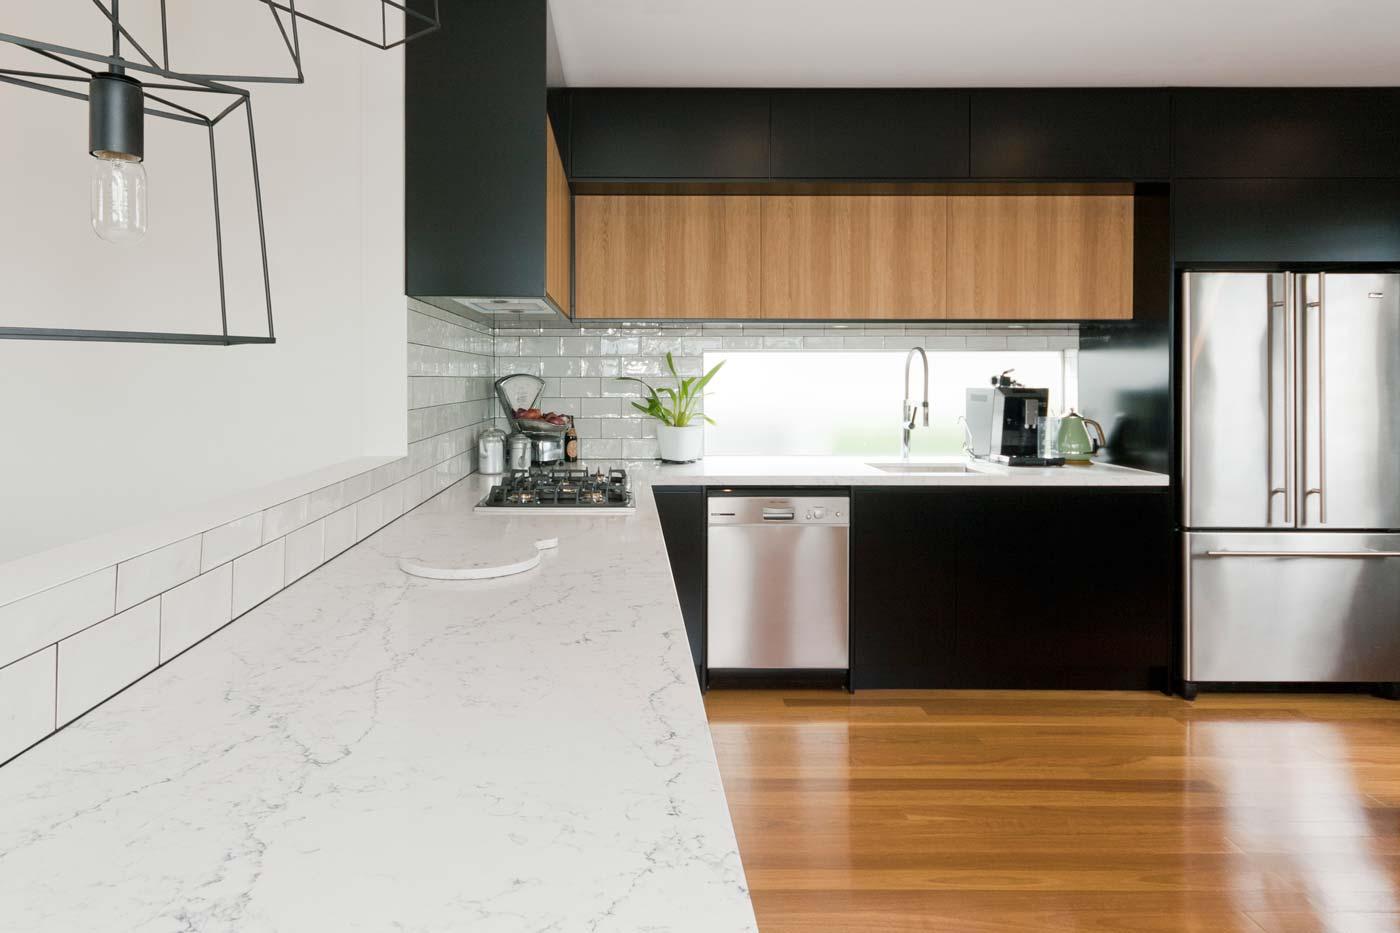 Caesarstone White Attica Dulux Domino Black Kitchen Design Polyurethane Cabinets Industrial 3a